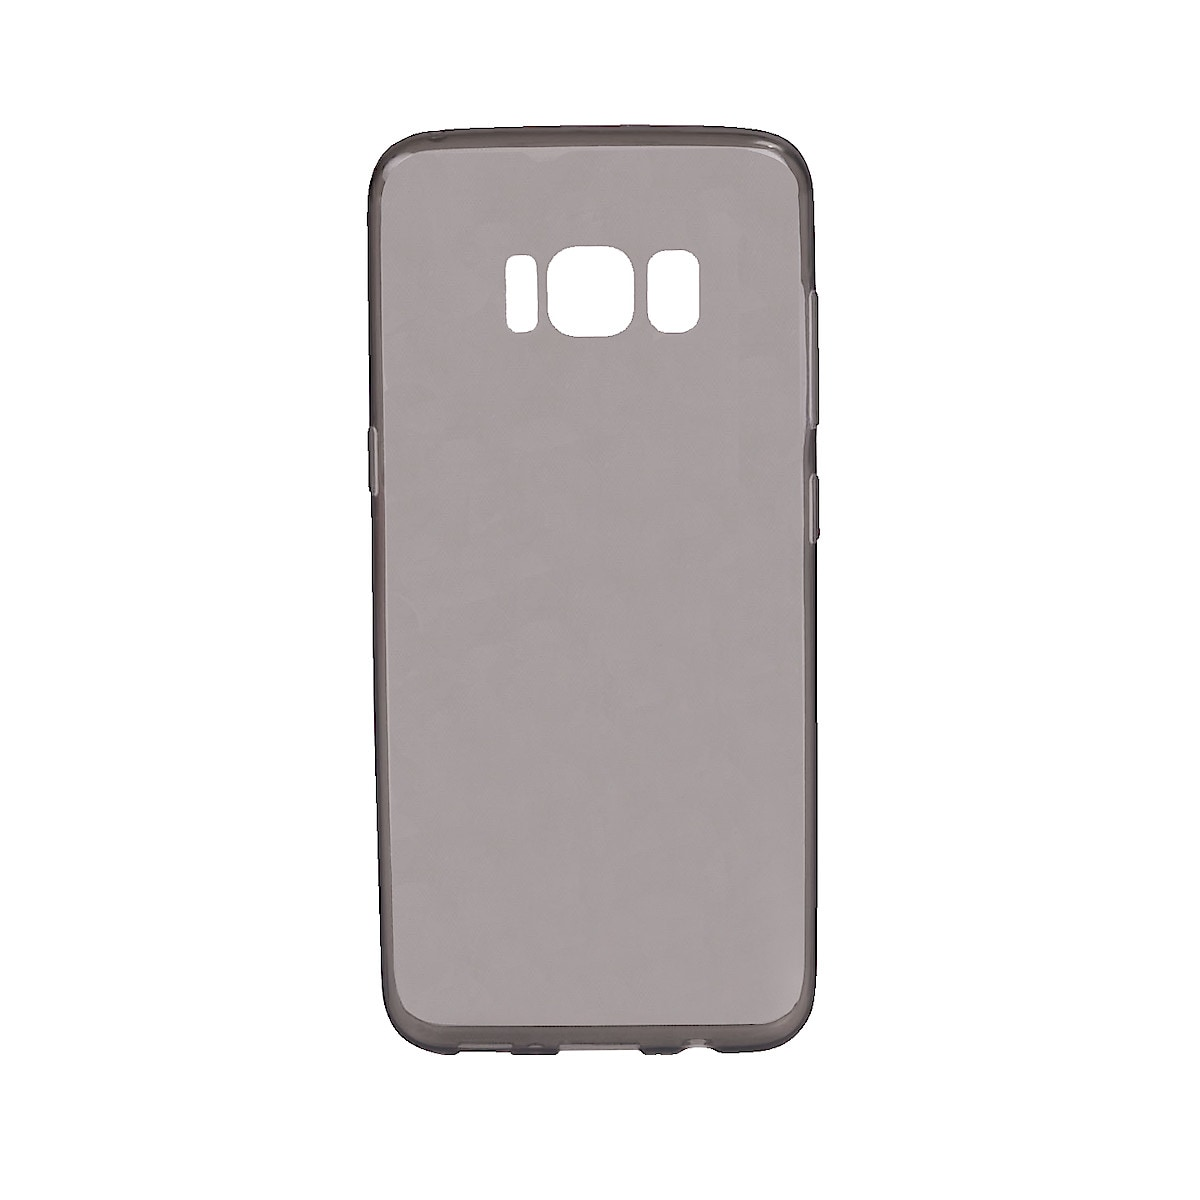 Mobilskal för Samsung Galaxy S8, Easy Grip